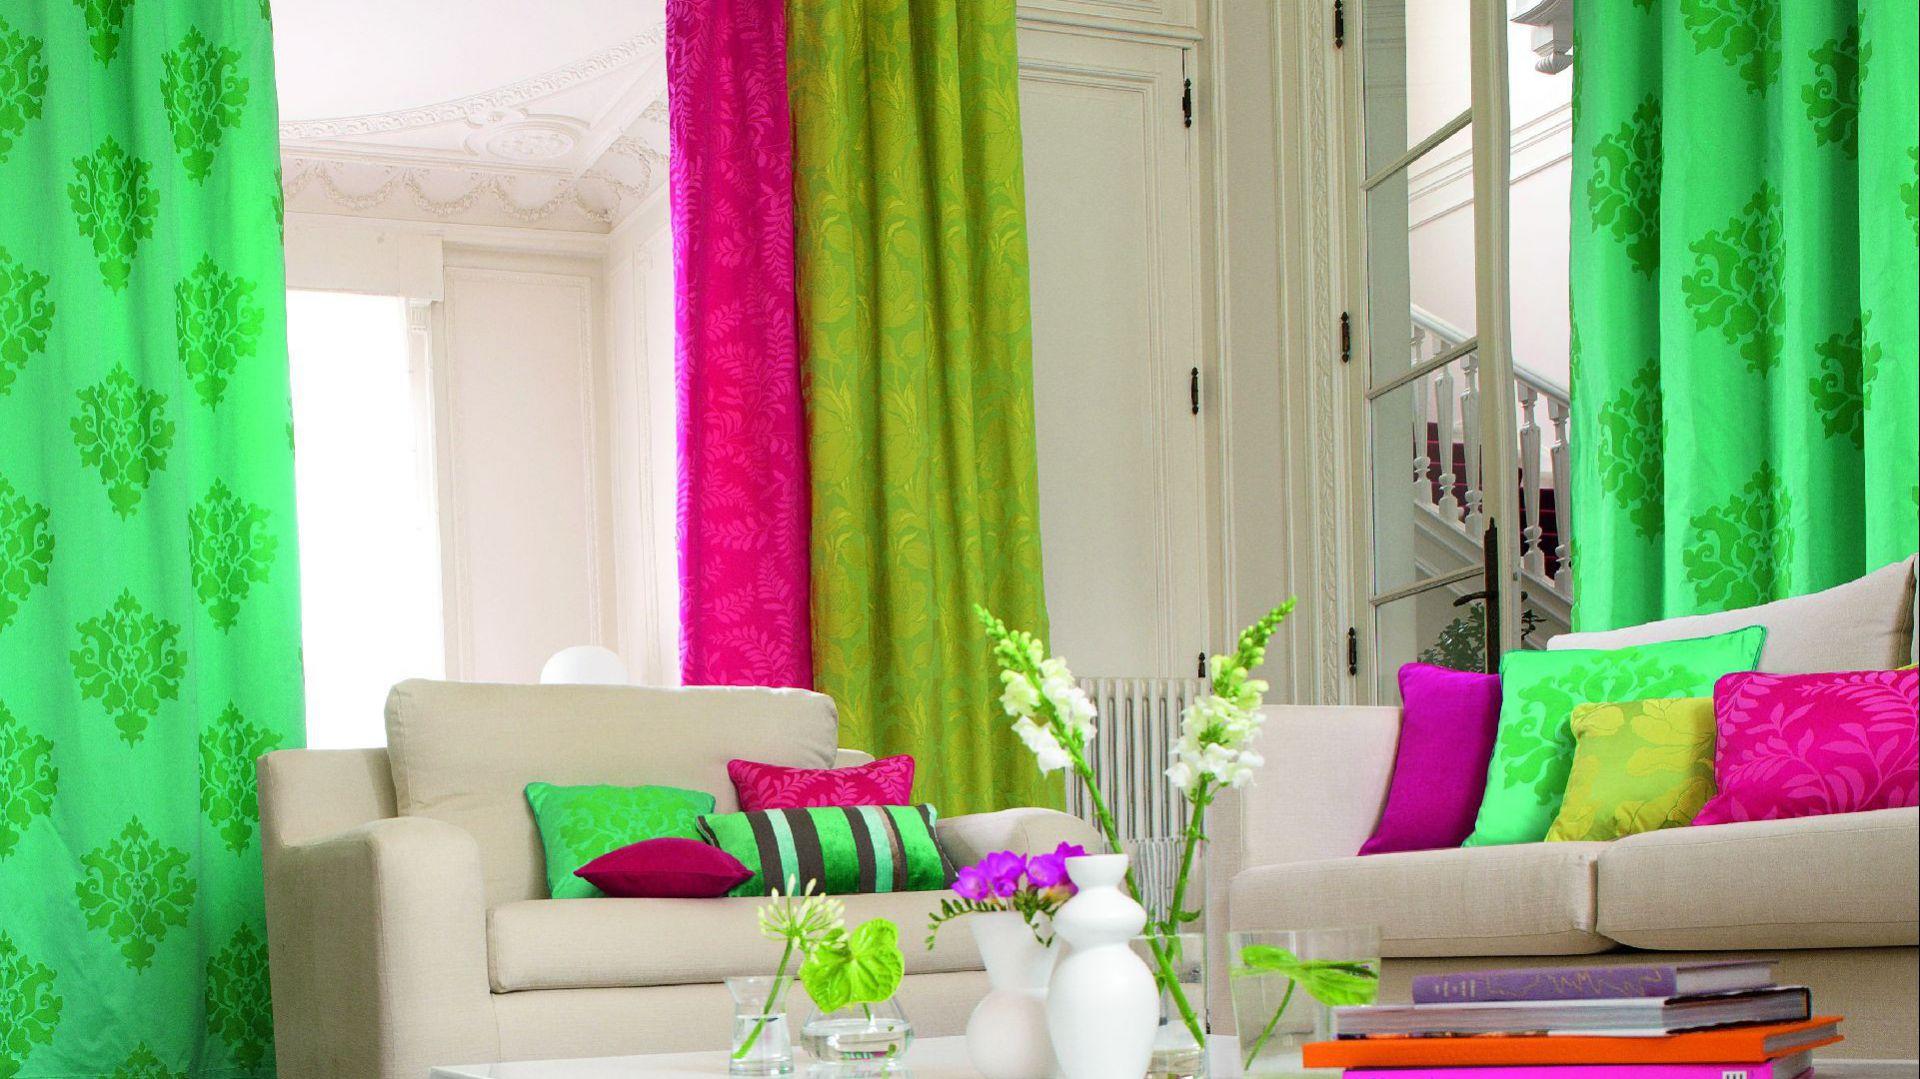 Świeże intensywne kolory zasłon z tkaniny Scala - odważny wybór, ale we wnętrzu z białymi meblami jak najbardziej słuszny. Fot. Camengo.